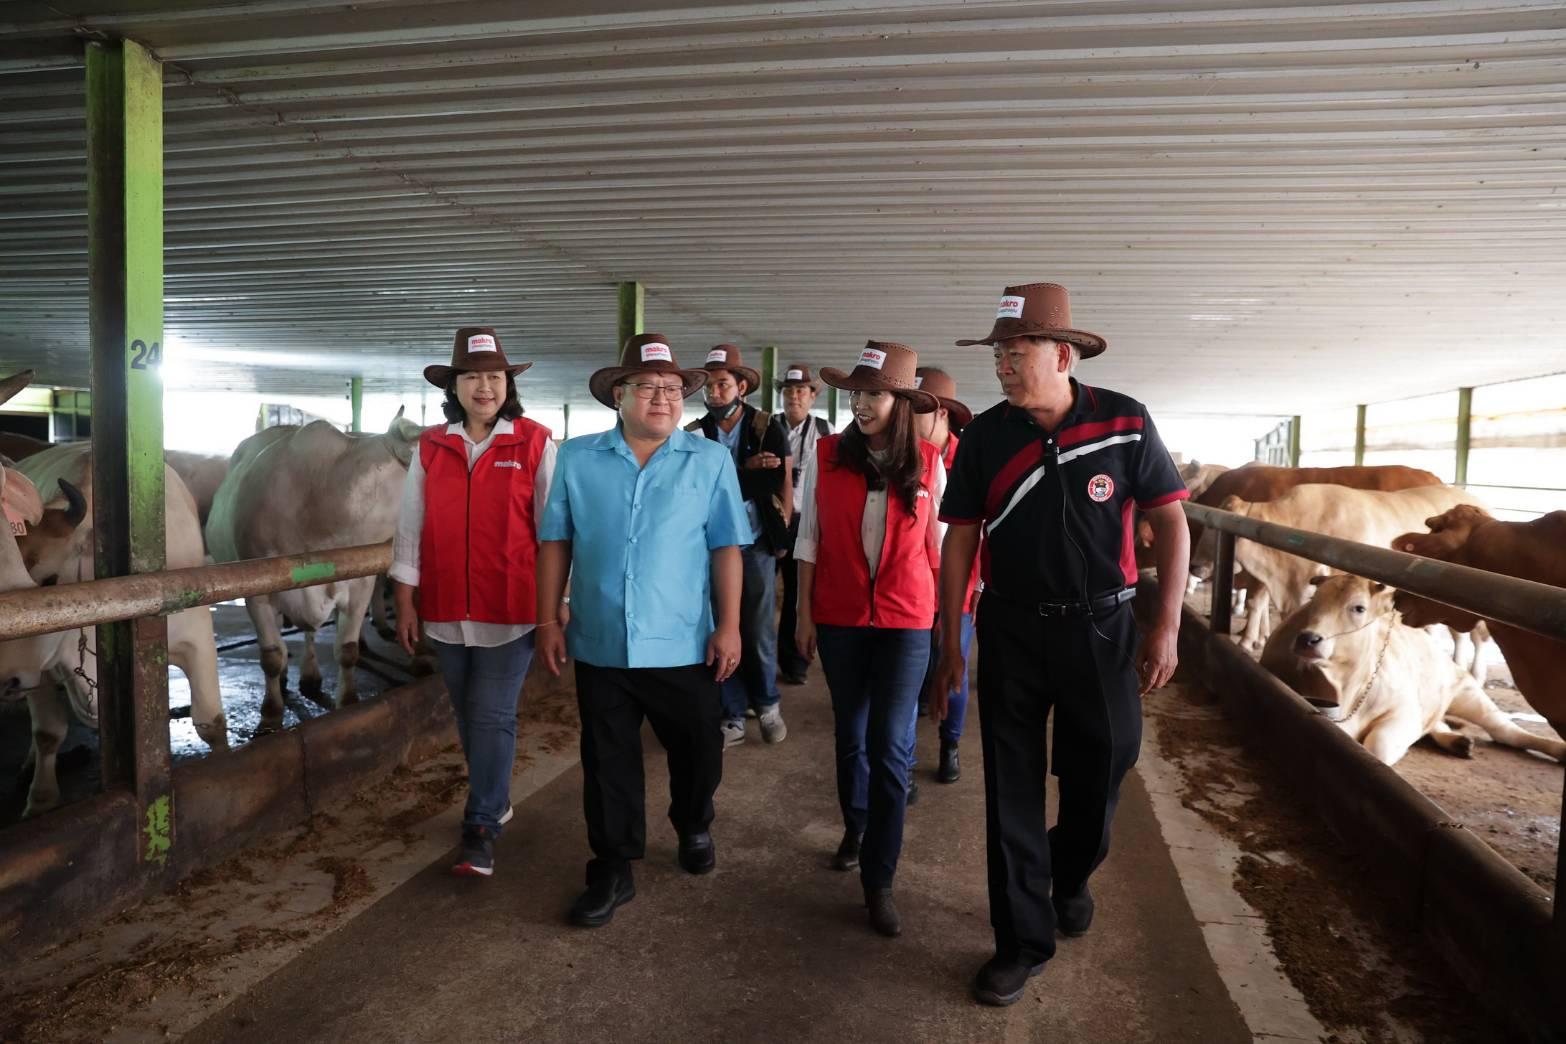 แม็คโคร ผุดโมเดลเกษตรยั่งยืน หนุนผู้เลี้ยงวัวไทย ผลิตเนื้อพรีเมียม ชูจุดแข็งตลาดนำการผลิต ปรับระบบการเลี้ยง สร้างรายได้เพิ่มกว่า 2 หมื่นต่อตัว